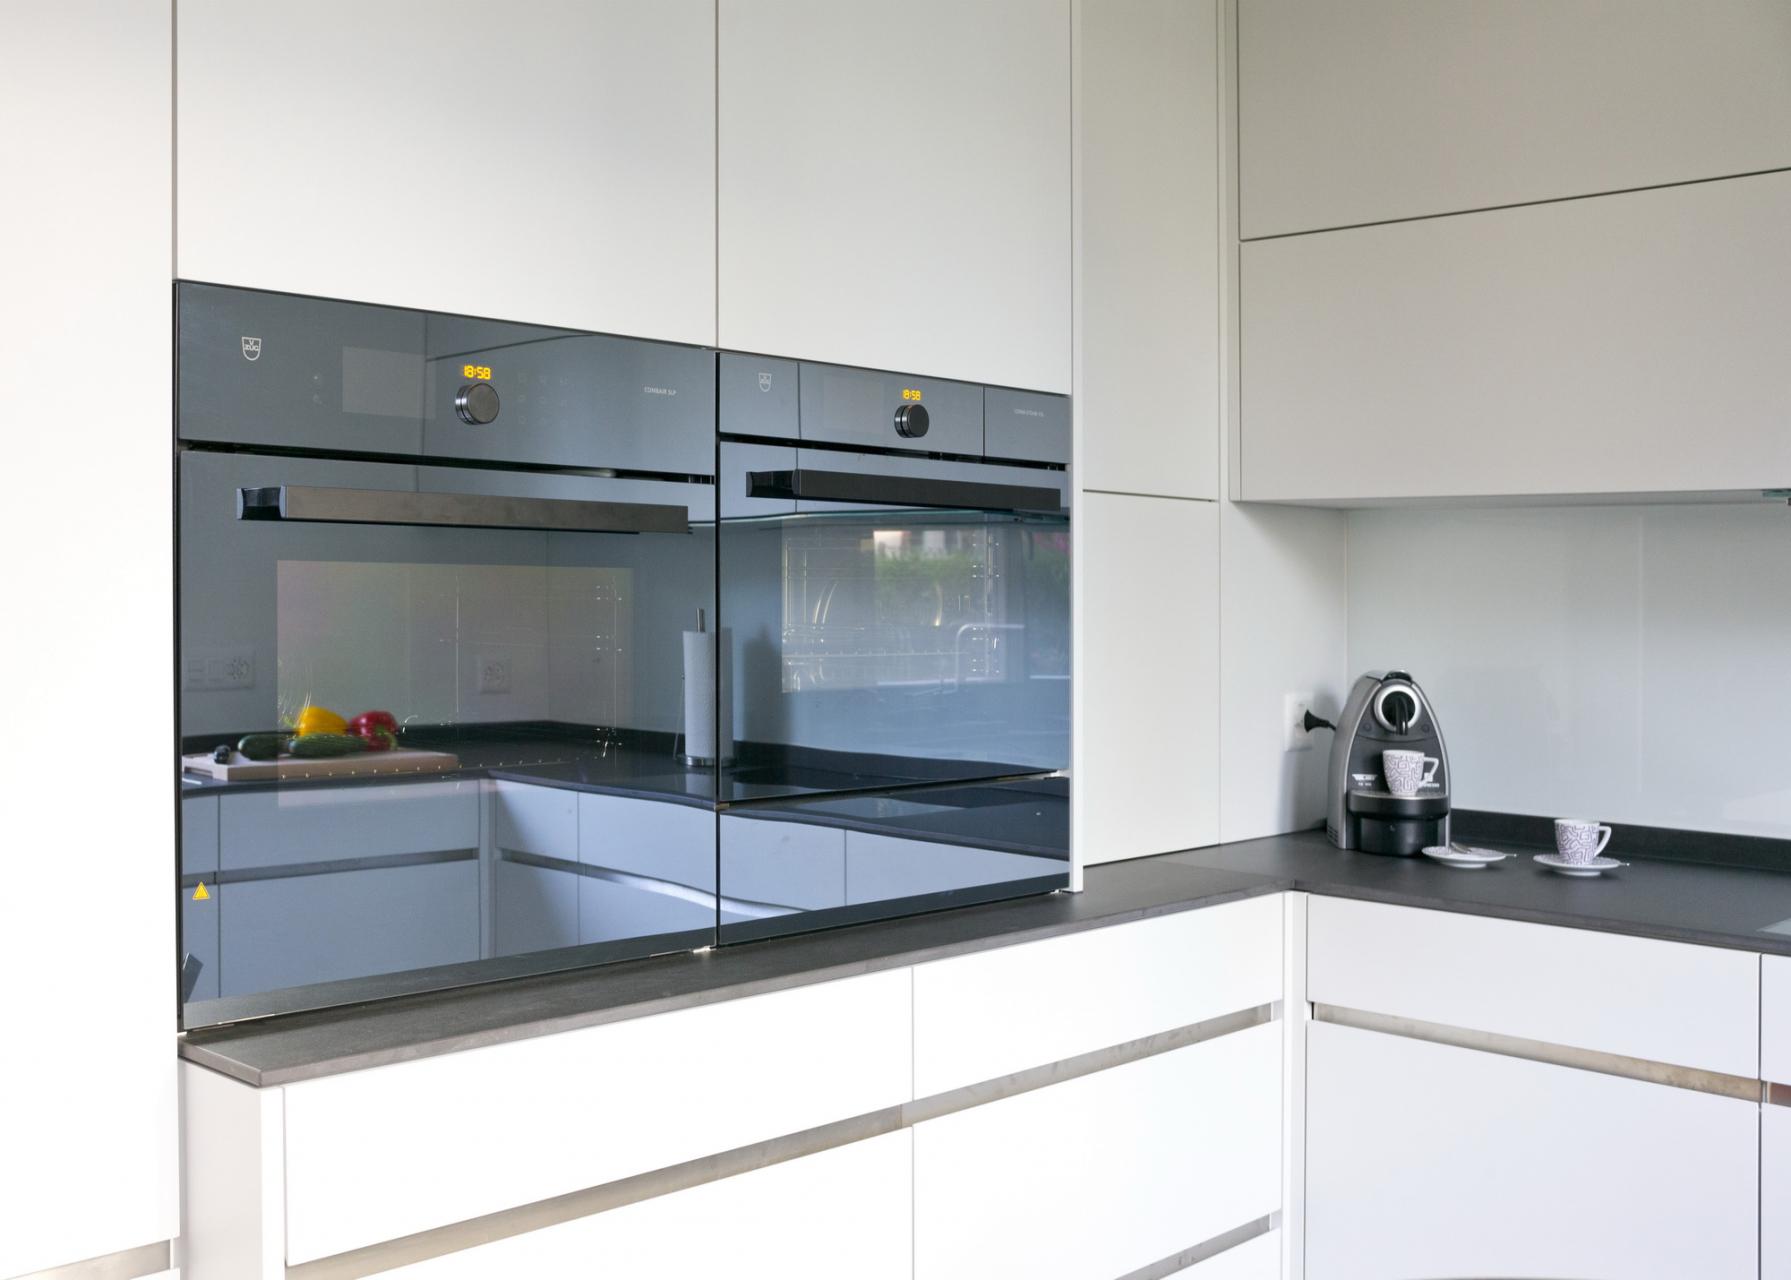 Ungewöhnlich Kreative Küche Designs Greenacre Ideen - Ideen Für Die ...